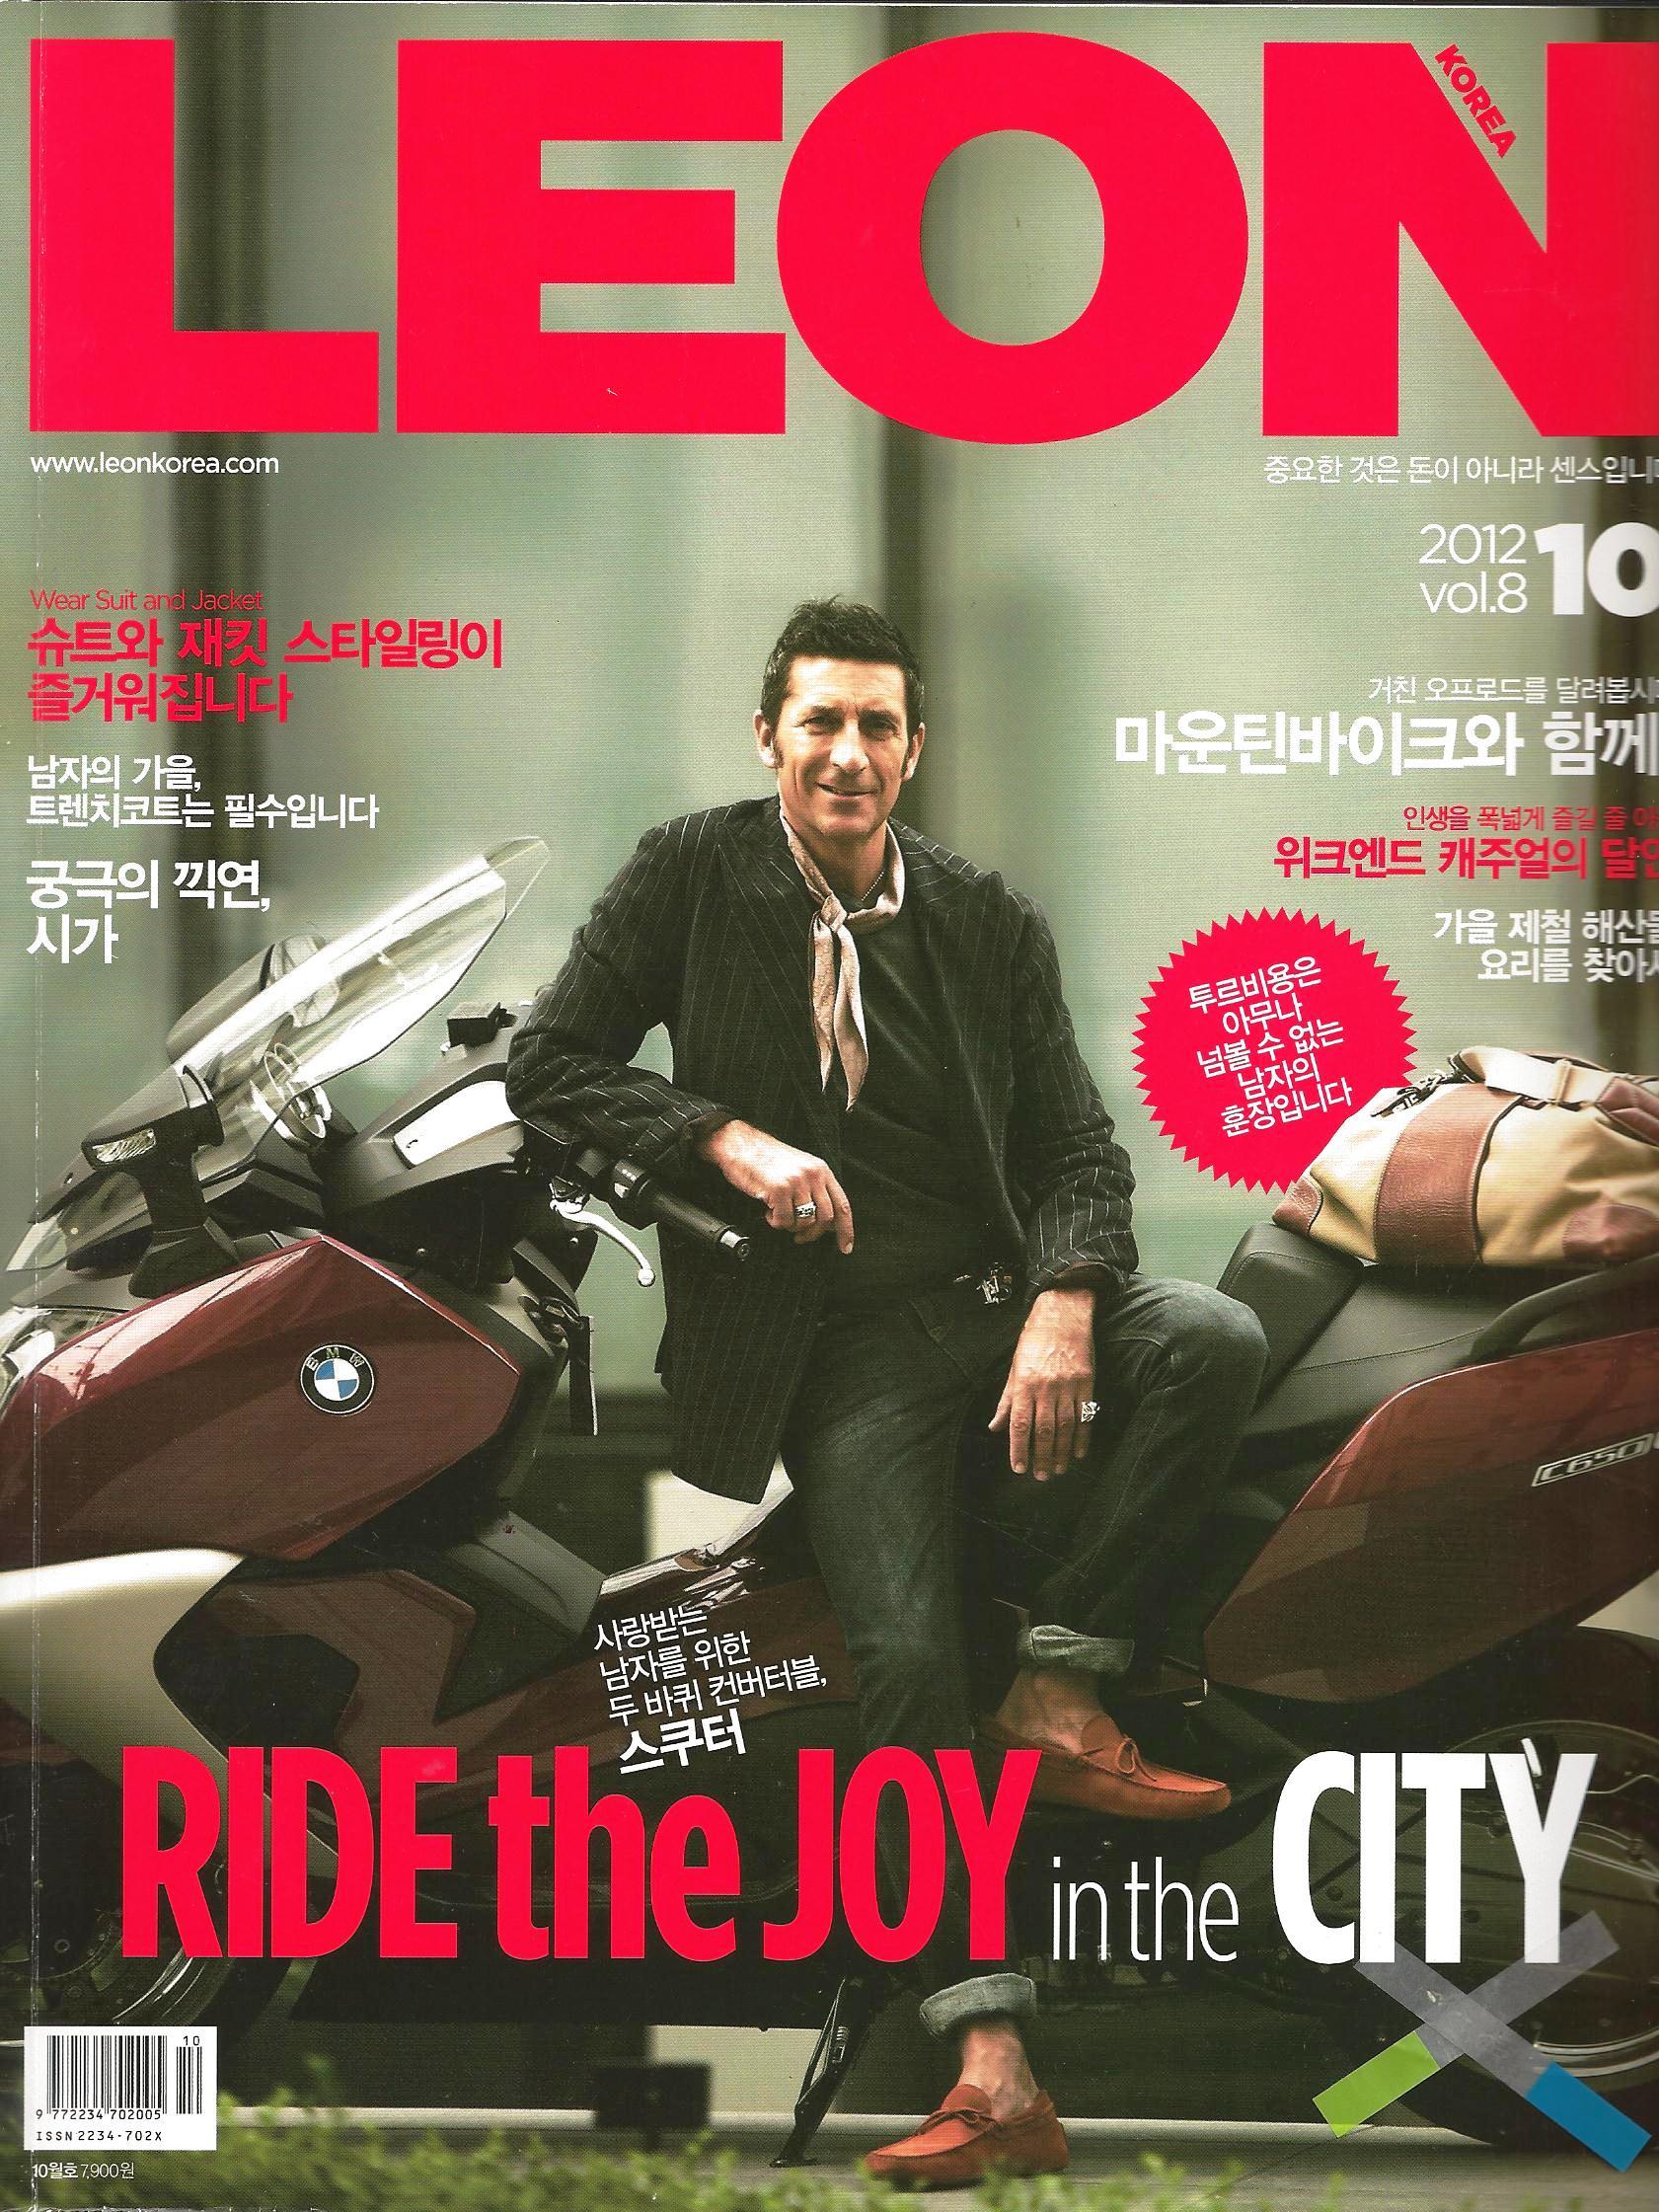 2012-10 Leon cover.jpg